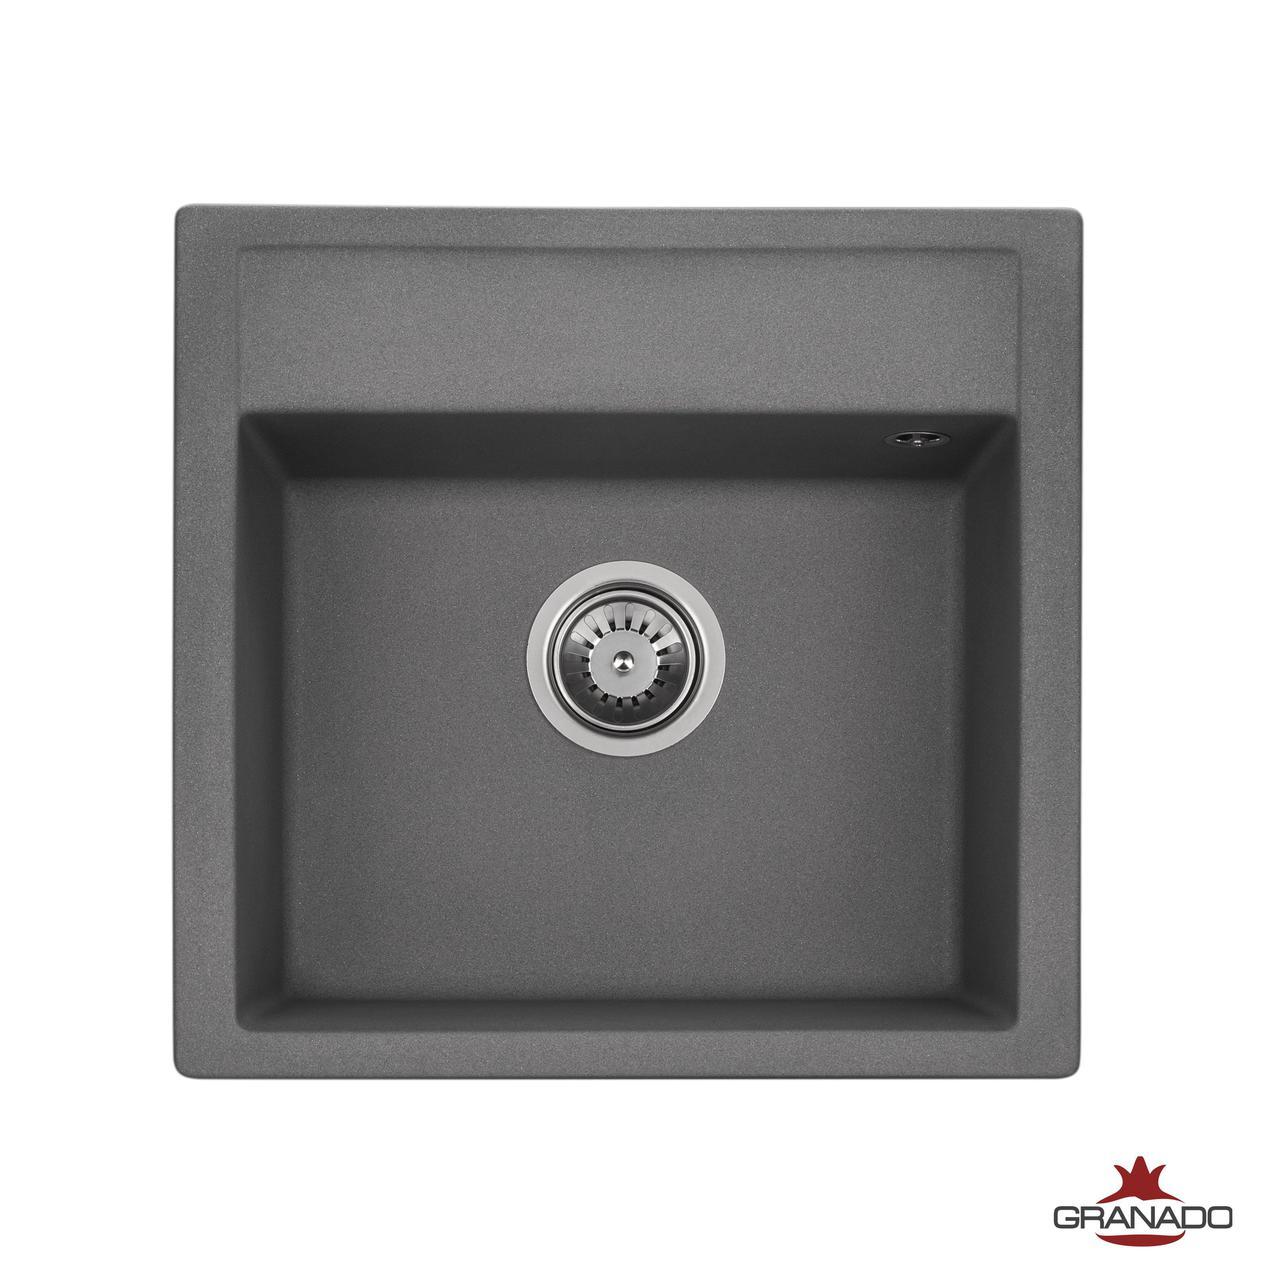 Квадратная мойка на кухню с евросифоном 50*48 см Granado Merida grafito 0309